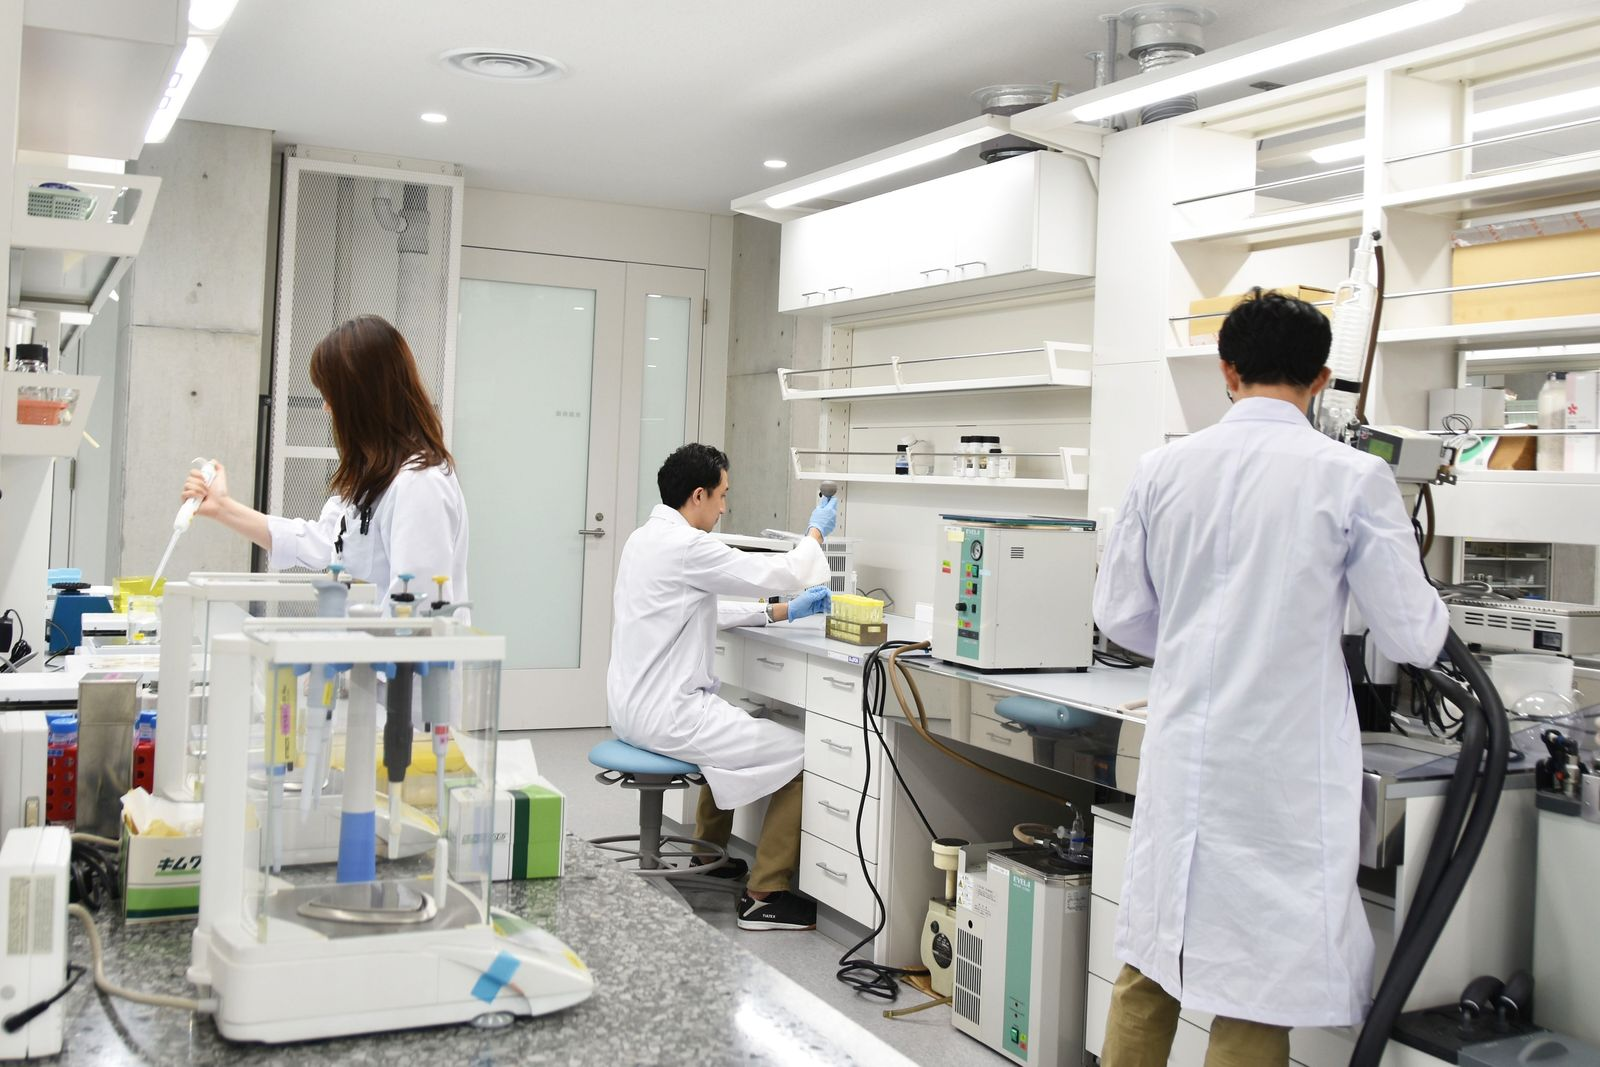 コーセーが創業地の東京都北区に研究所集約 革新的な製品開発担う ...